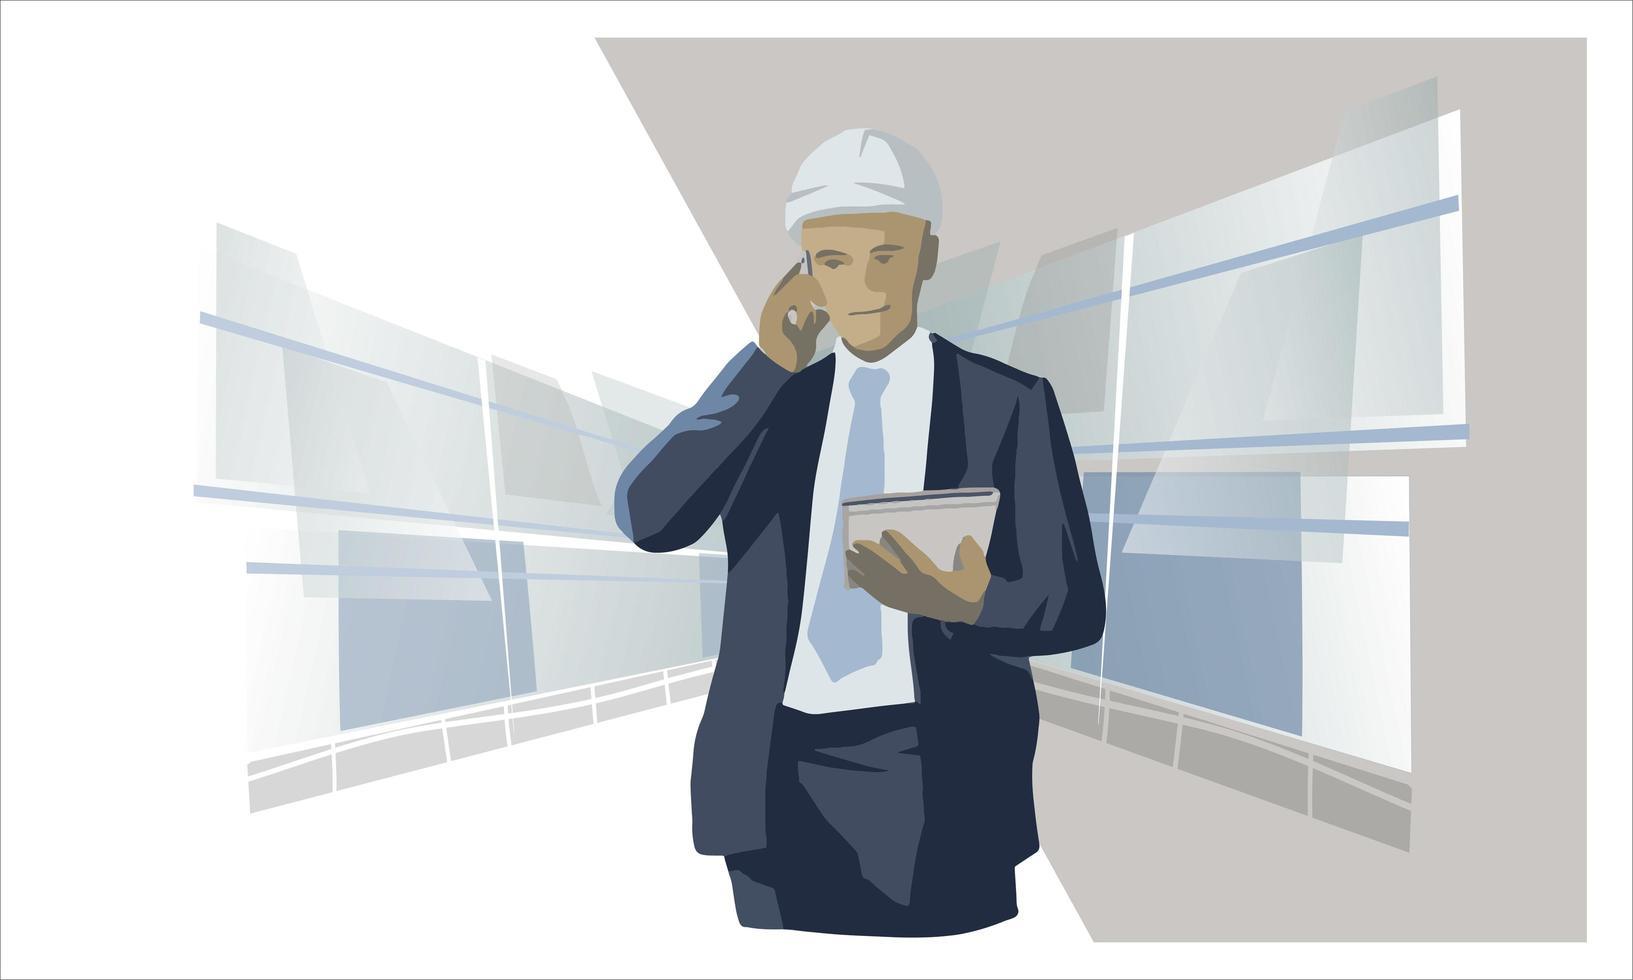 empresario con casco blanco vector